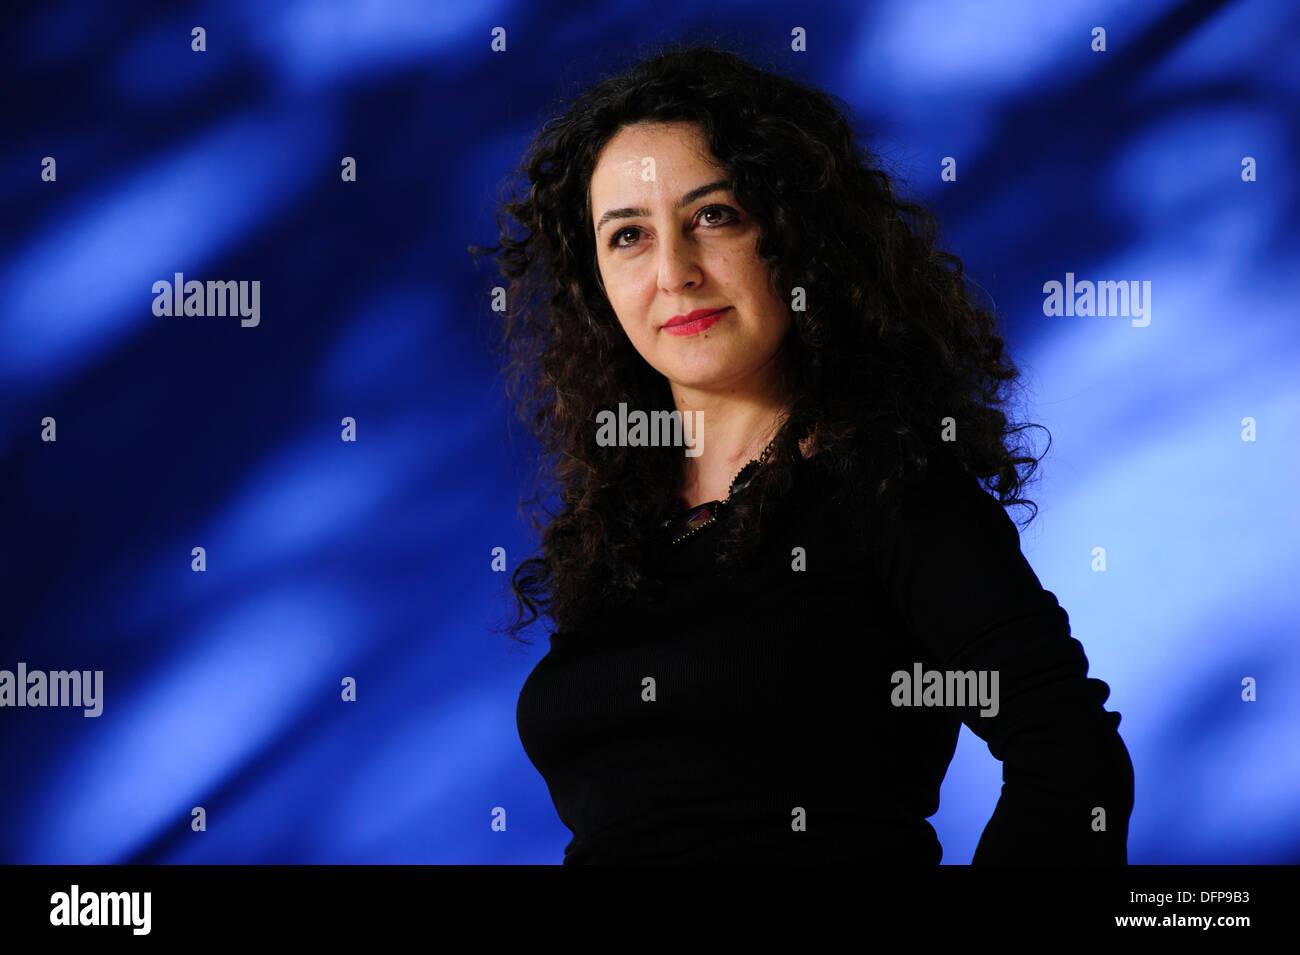 Sema Kaygusuz, auteur turc, assistant à l'Edinburgh International Book Festival, le samedi 17 août 2013. Banque D'Images